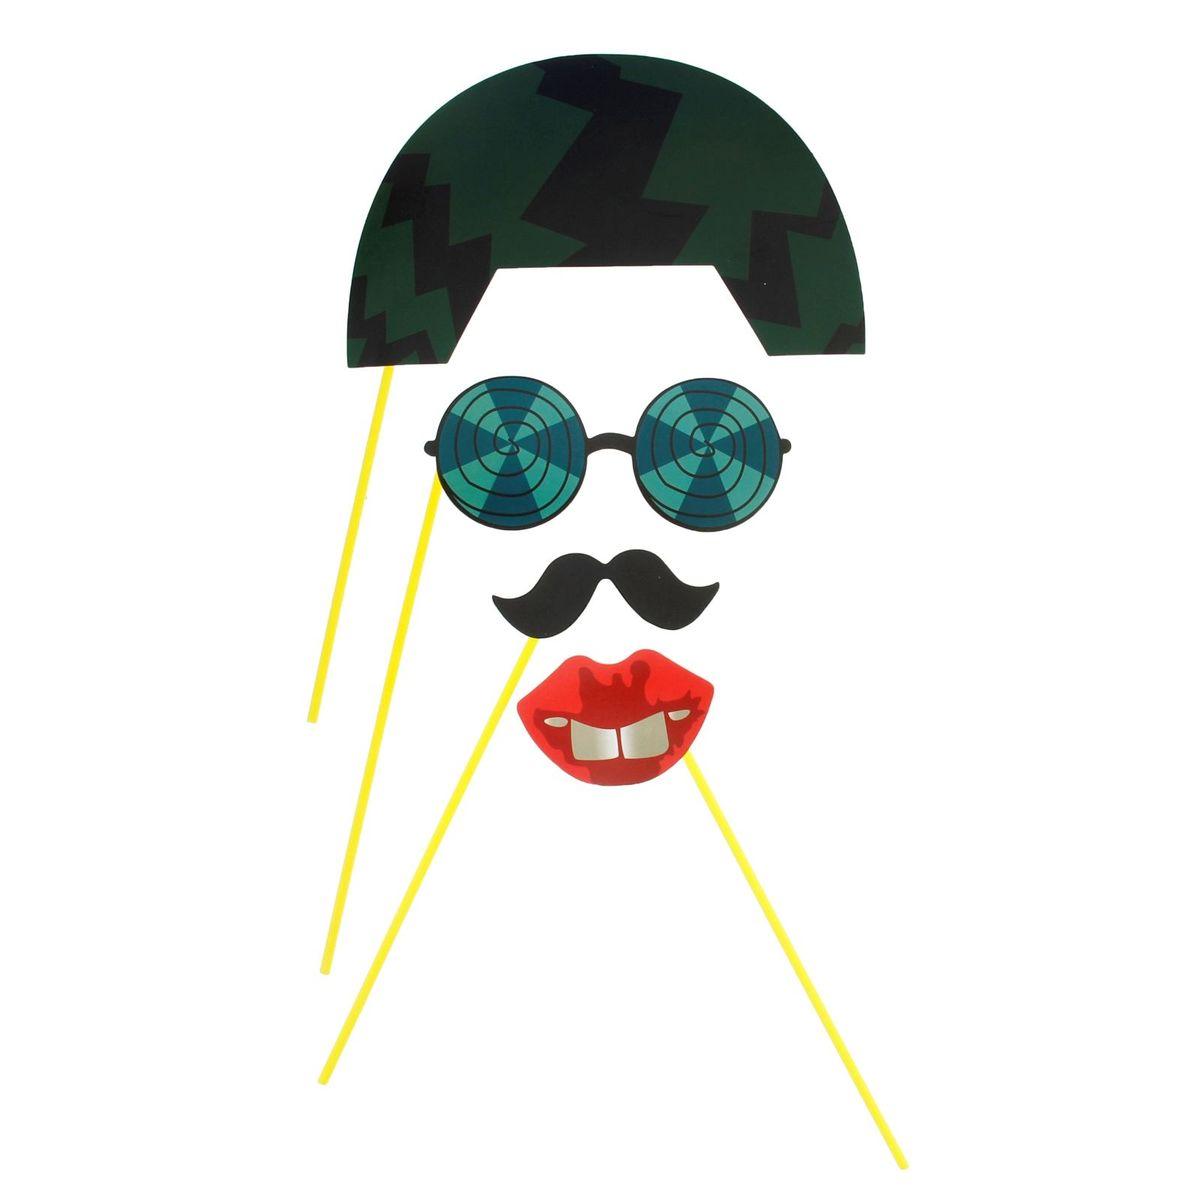 Аксессуары для фотосессии Страна Карнавалия  Каска, очки, губки, усы , 4 предмета -  Карнавальные костюмы и аксессуары